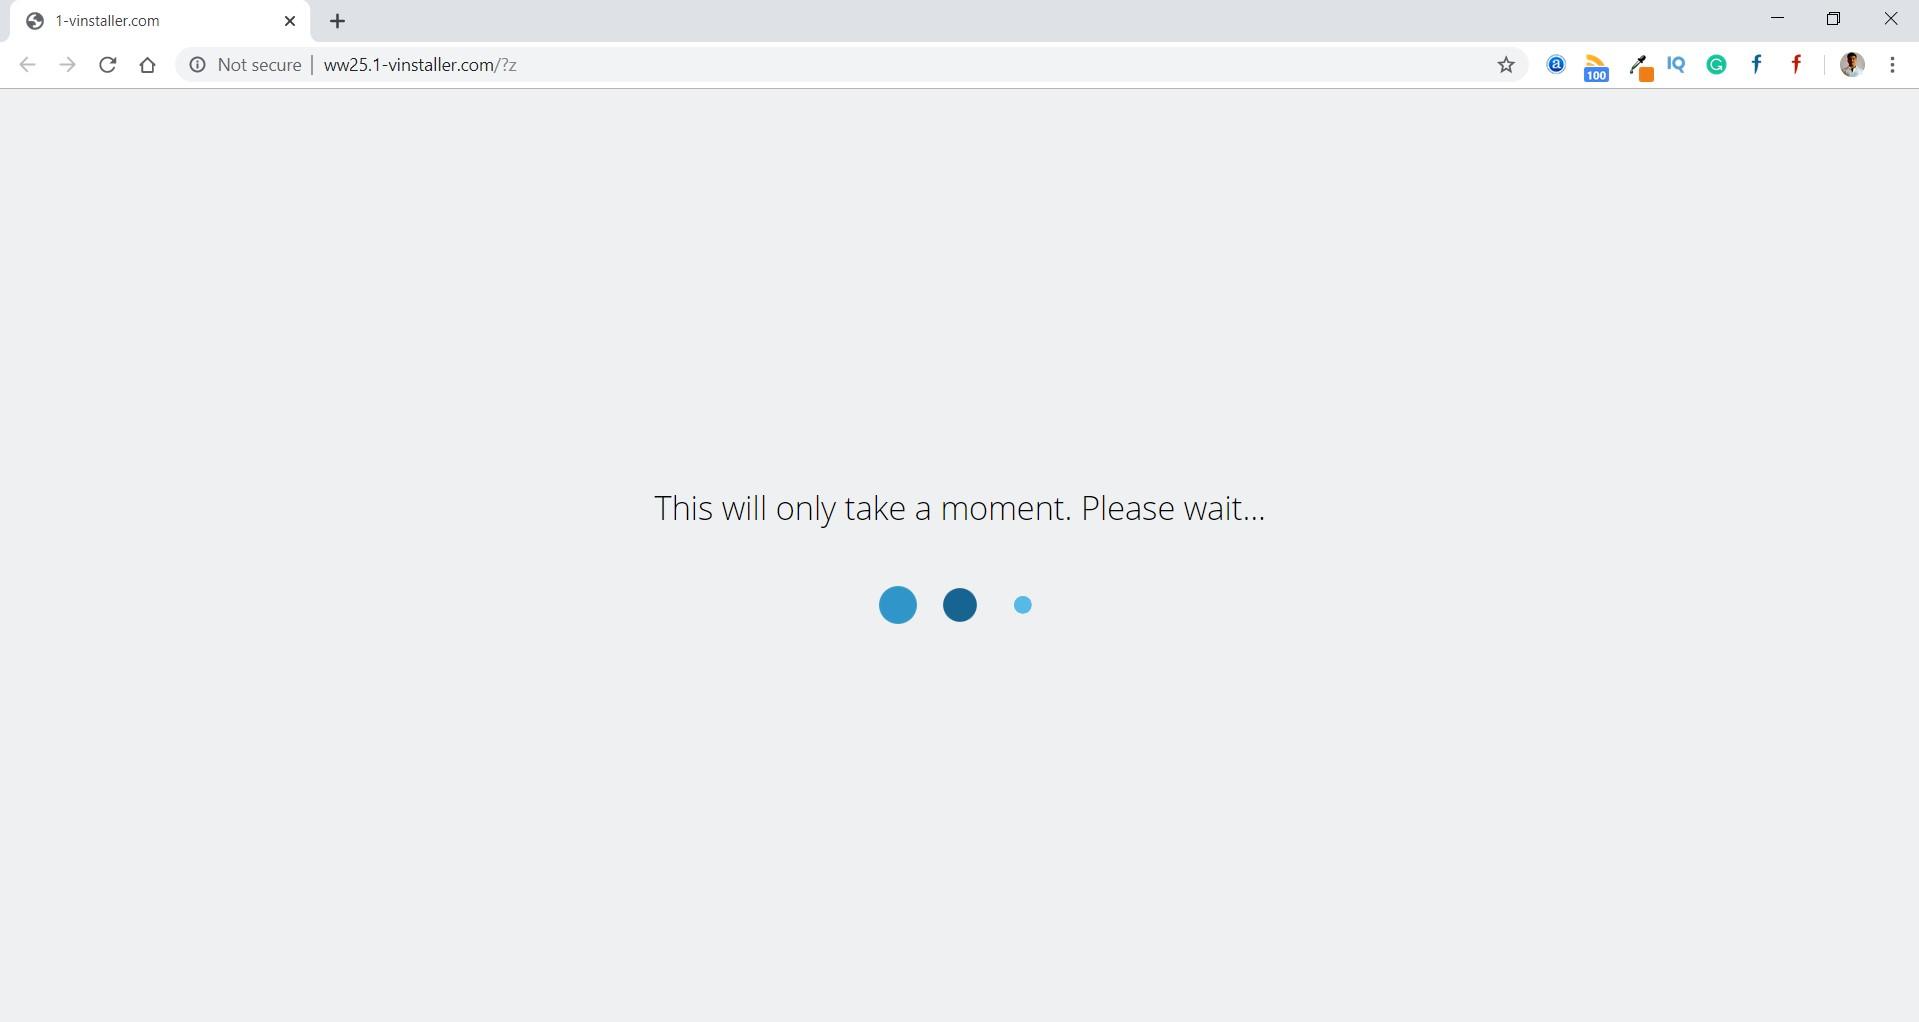 How to Remove 1-vininstaller.com